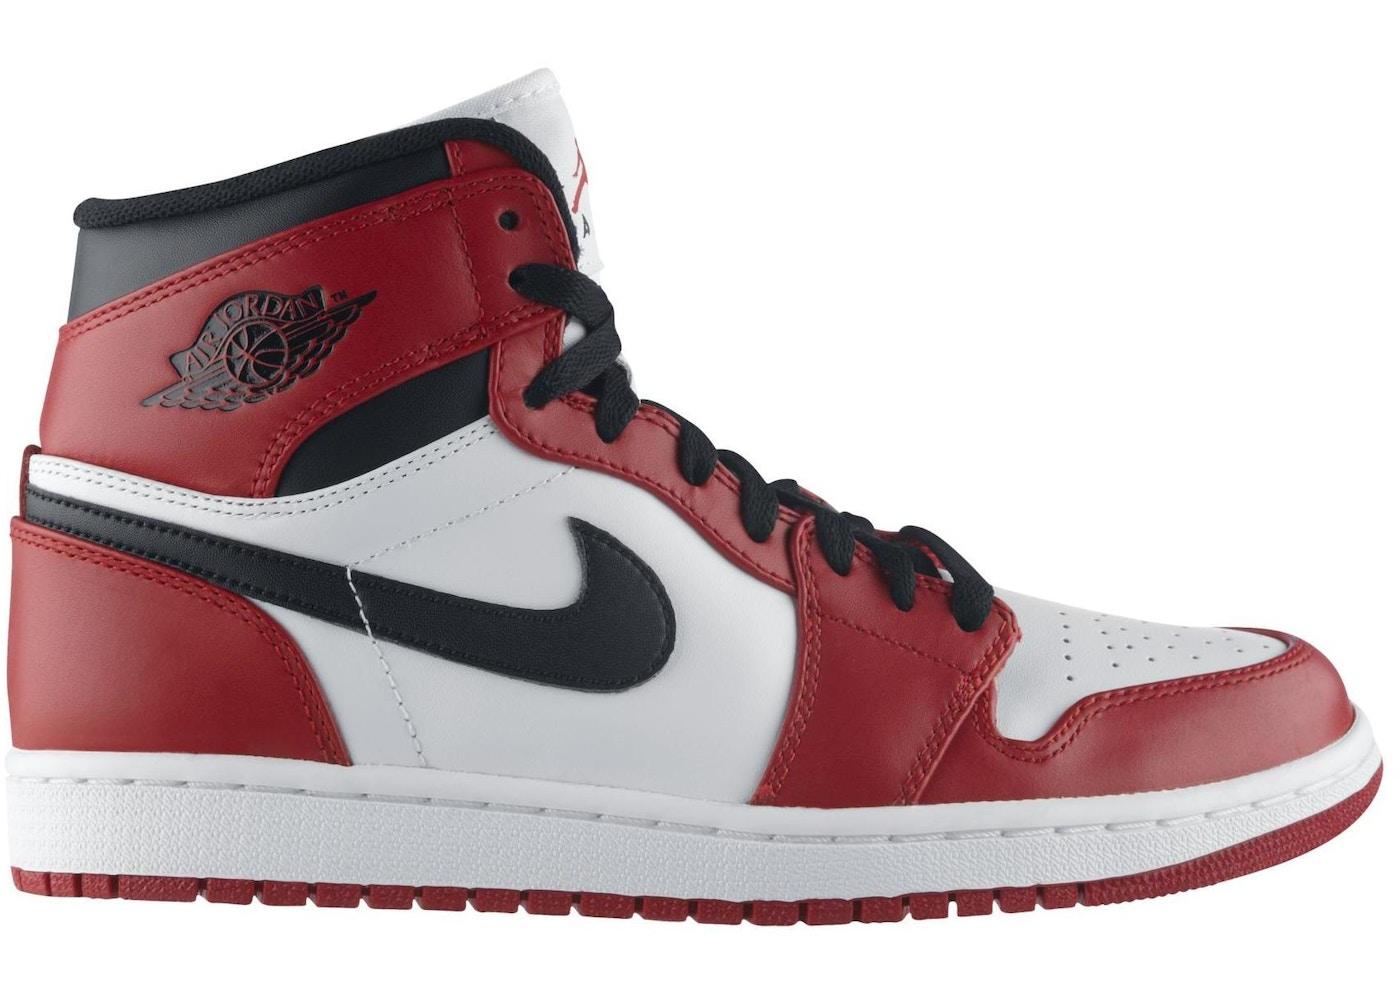 07ba2371e81 Jordan 1 Retro Chicago (2013) - 332550-163